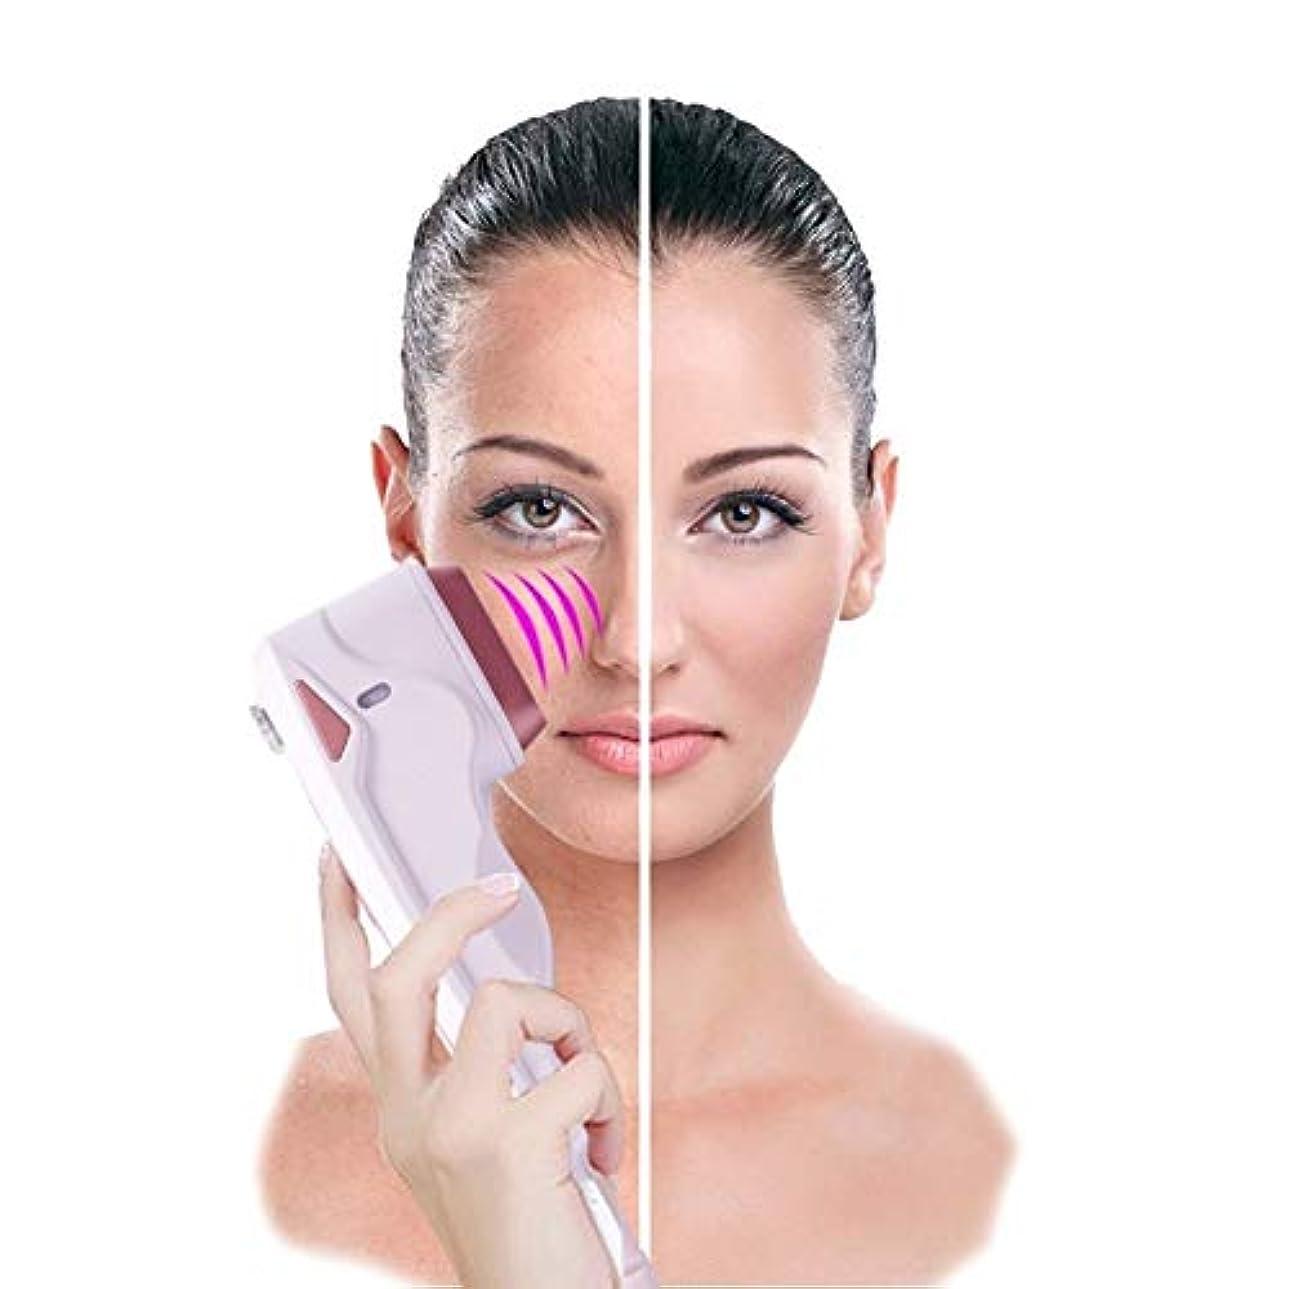 クローン先例専制美顔術の持ち上がる機械振動無線周波数のしわは反老化のためのスキンケアの美装置を取り除きます、皮膚のきつく締まるガルバニック微電流の改装機械